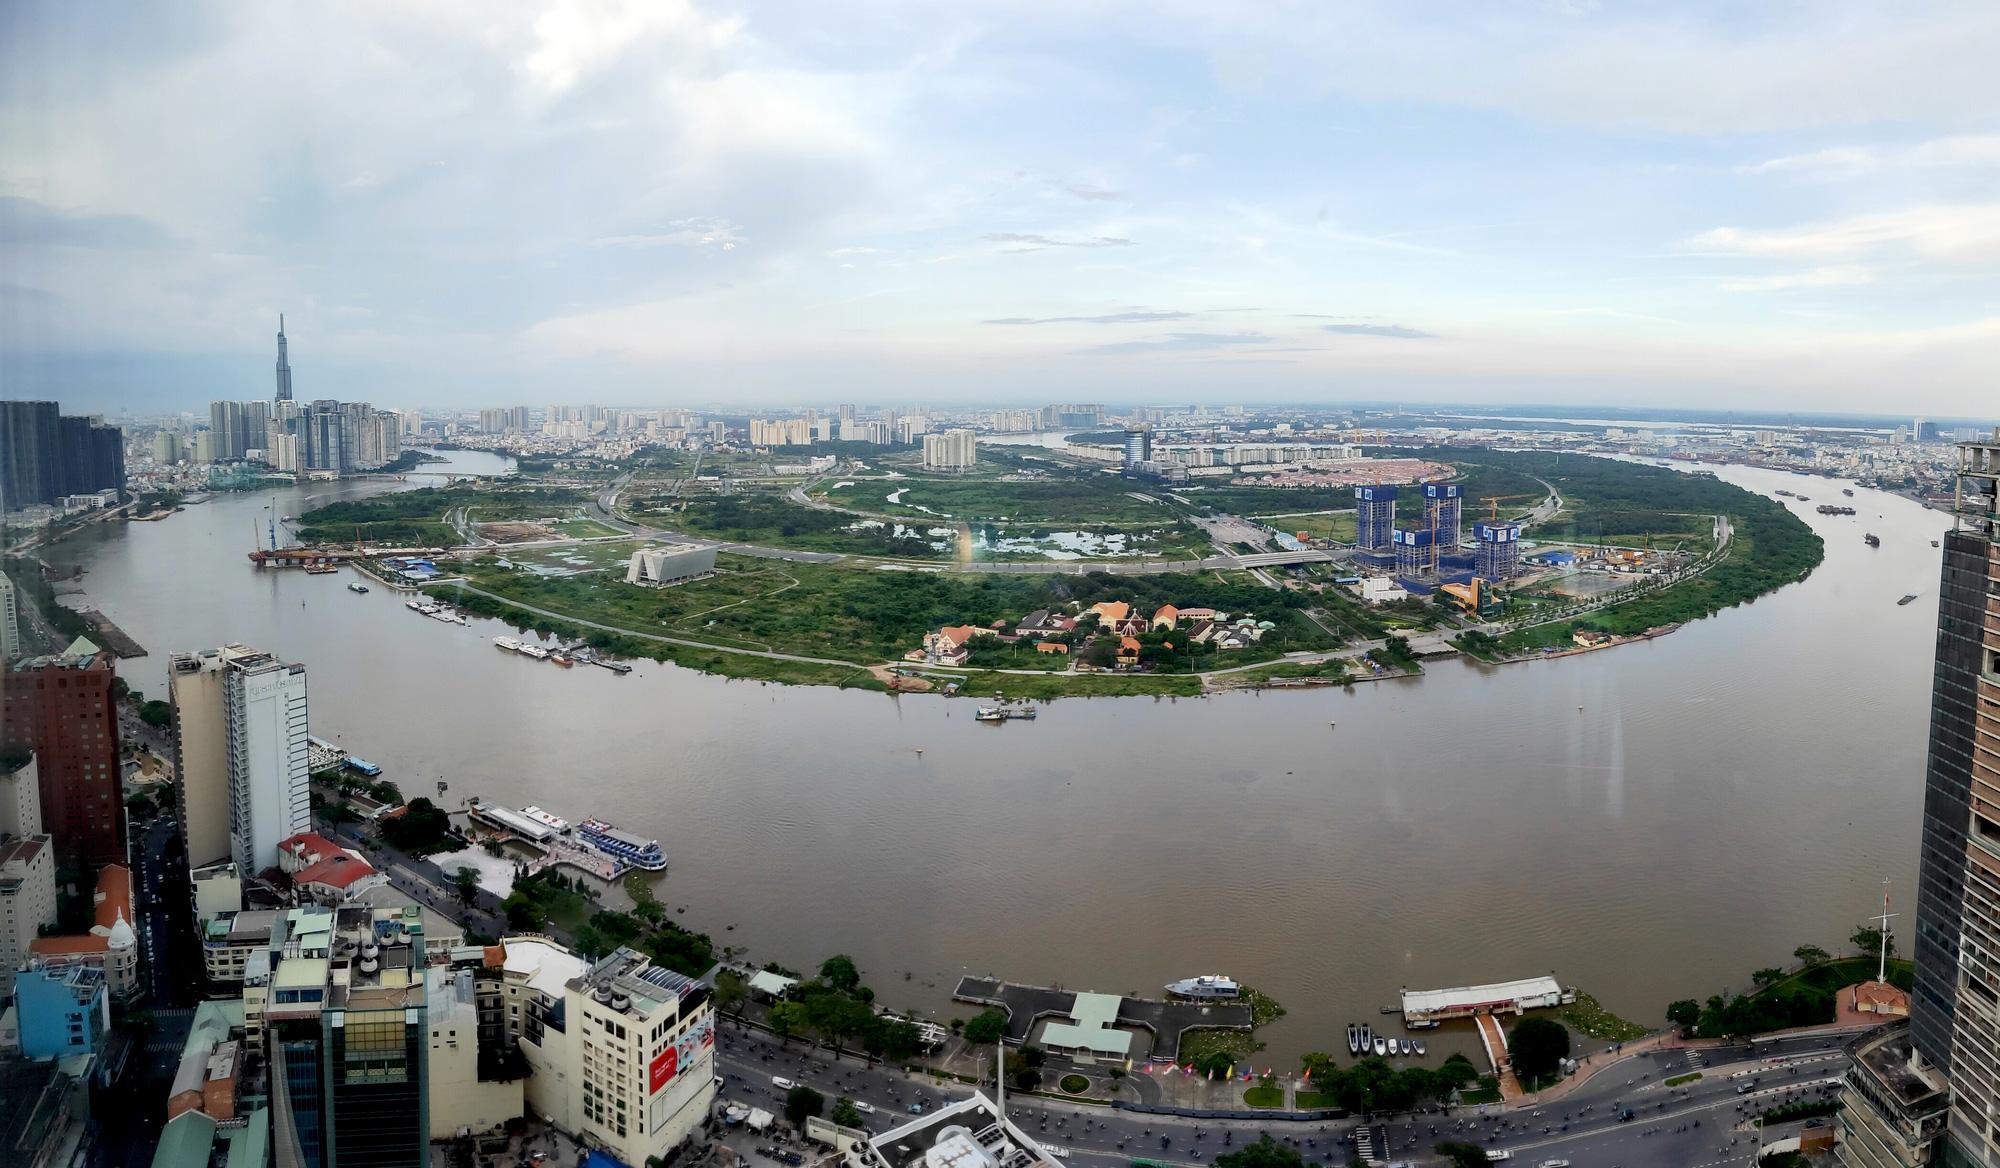 Sẽ phát triển mạnh các đô thị vệ tinh của Hà Nội và TP HCM trong giai đoạn 2021-2025 - Ảnh 2.